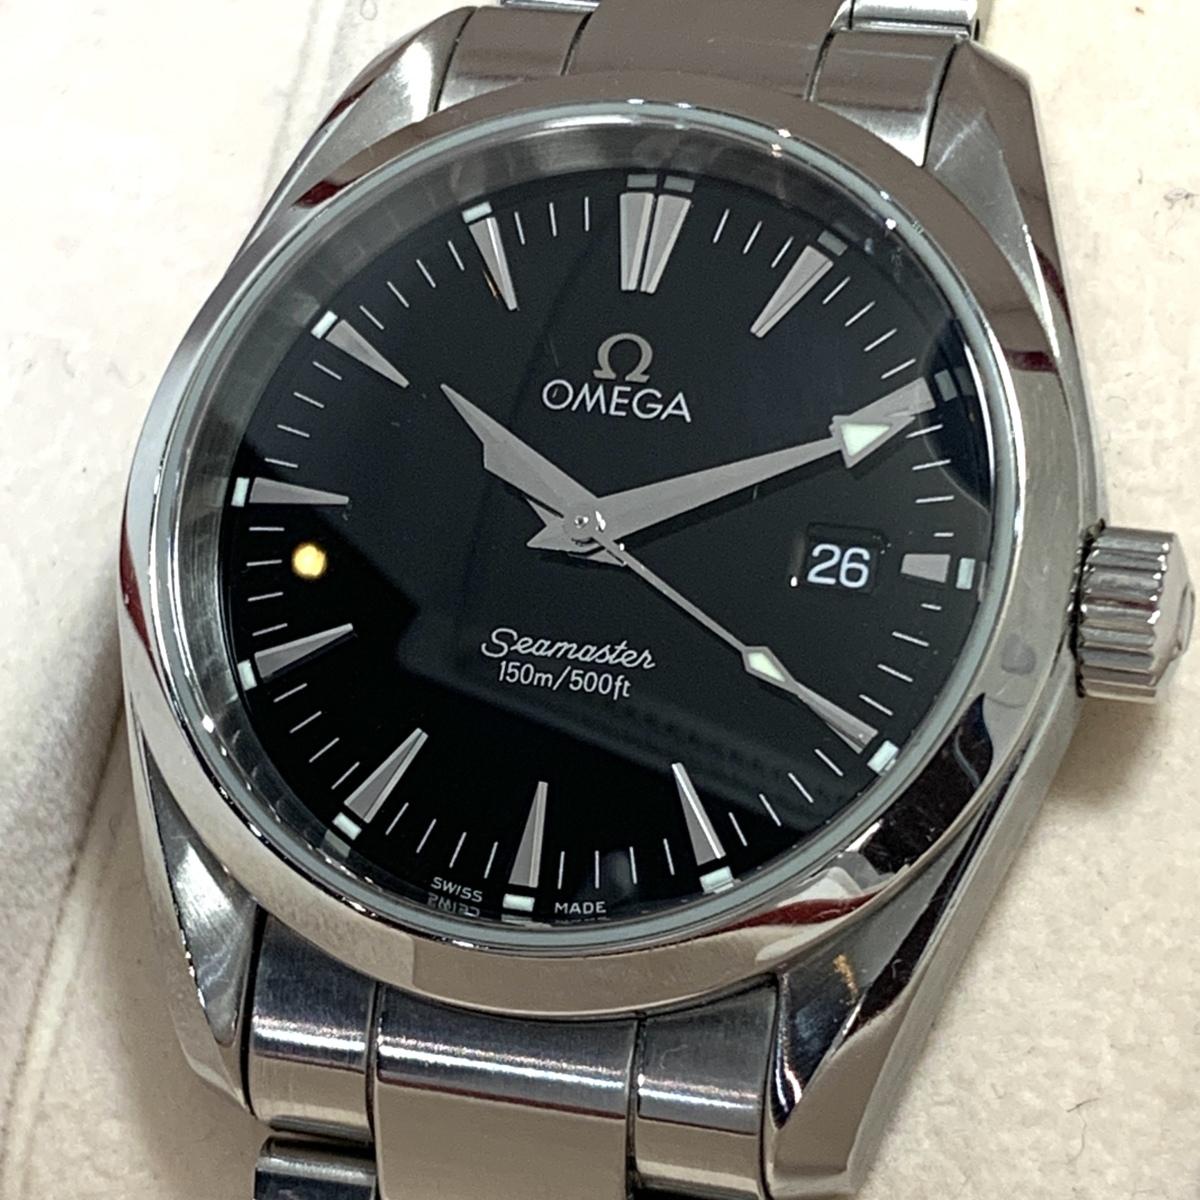 ☆1円~ オメガ omega シーマスター アクアテラ デイト 黒文字盤 2518.50 メンズ クオーツ 保証書 腕時計 CD27110102